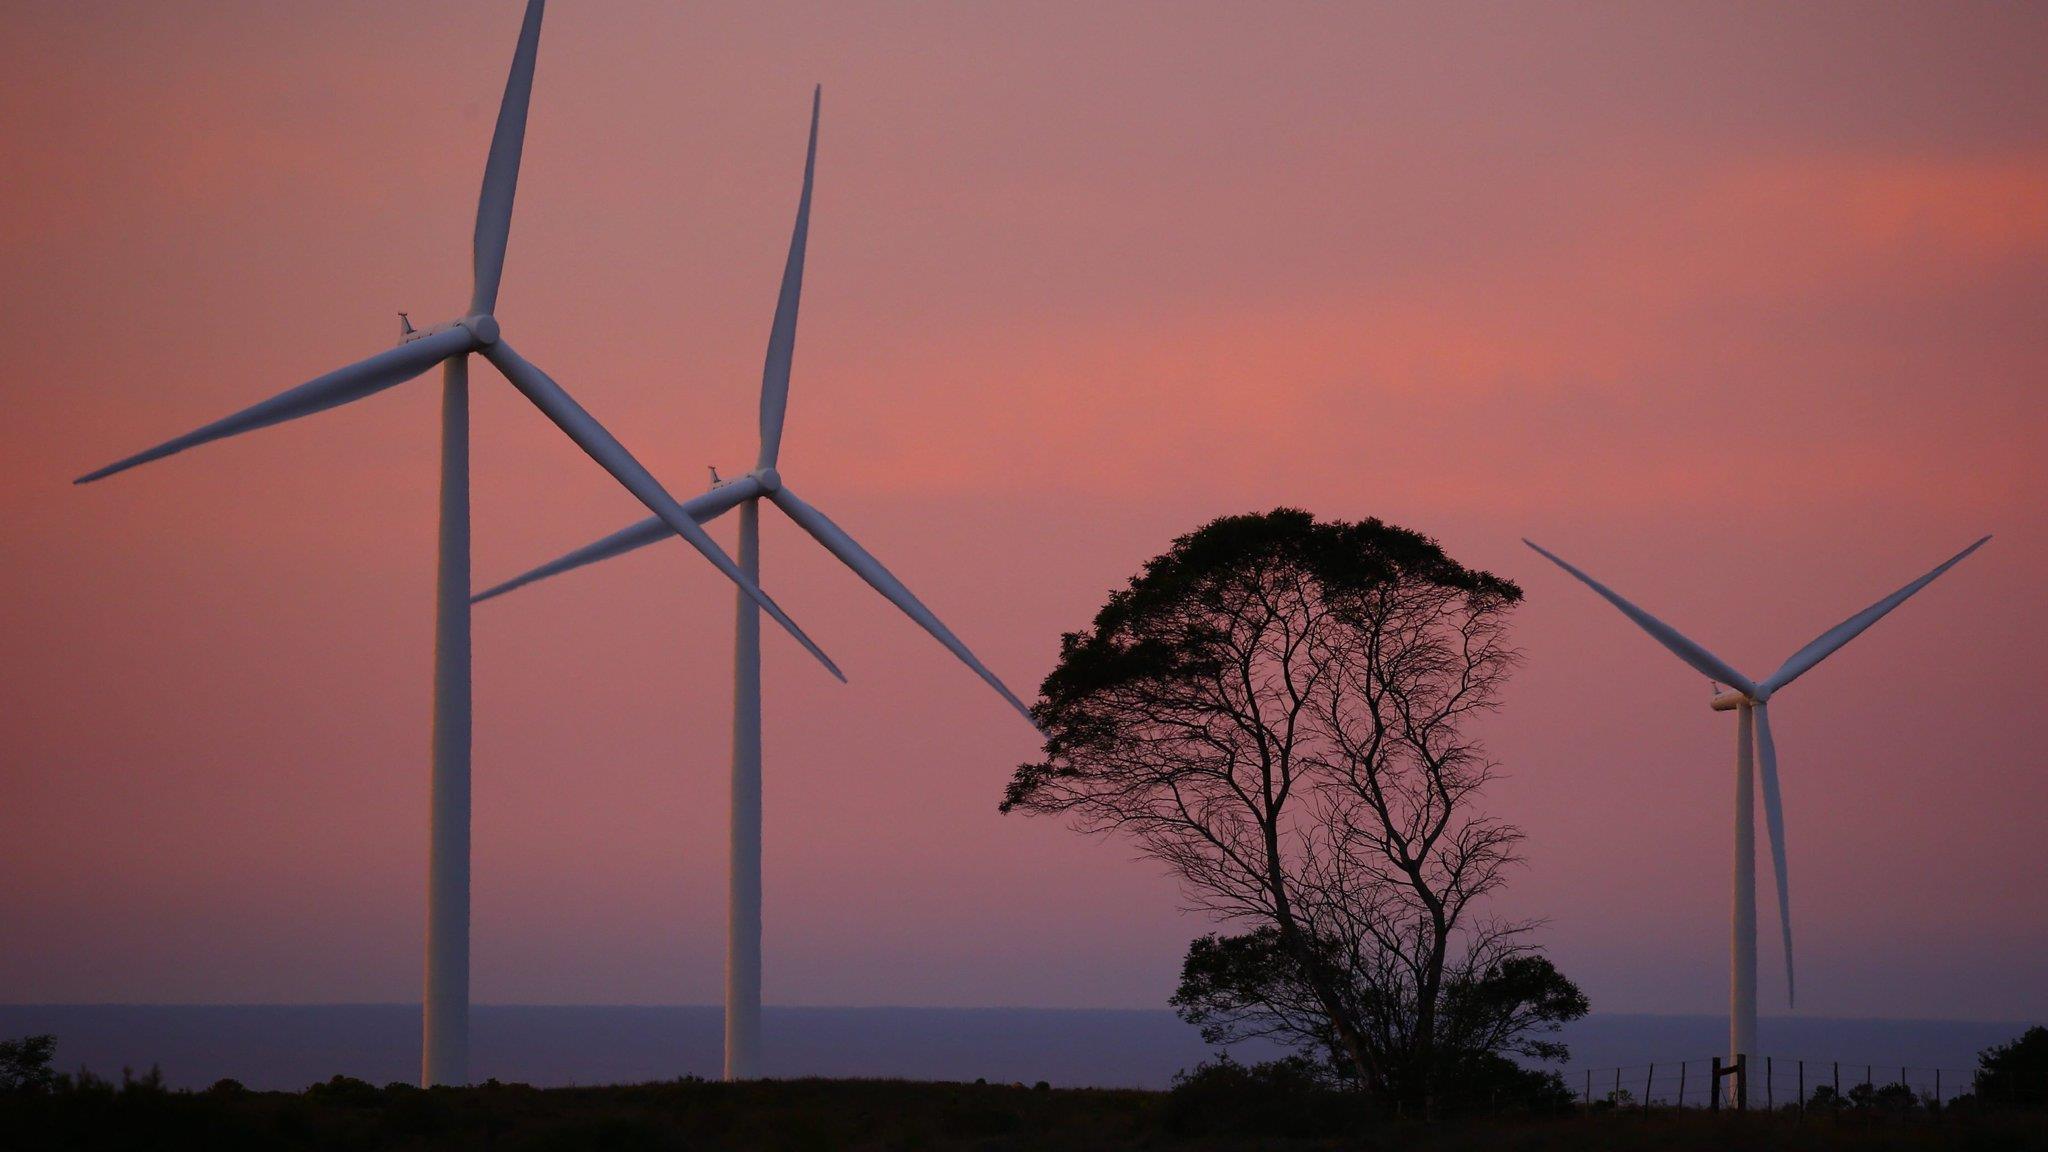 巴西1200千米高压输电线路获3.9亿欧元贷款